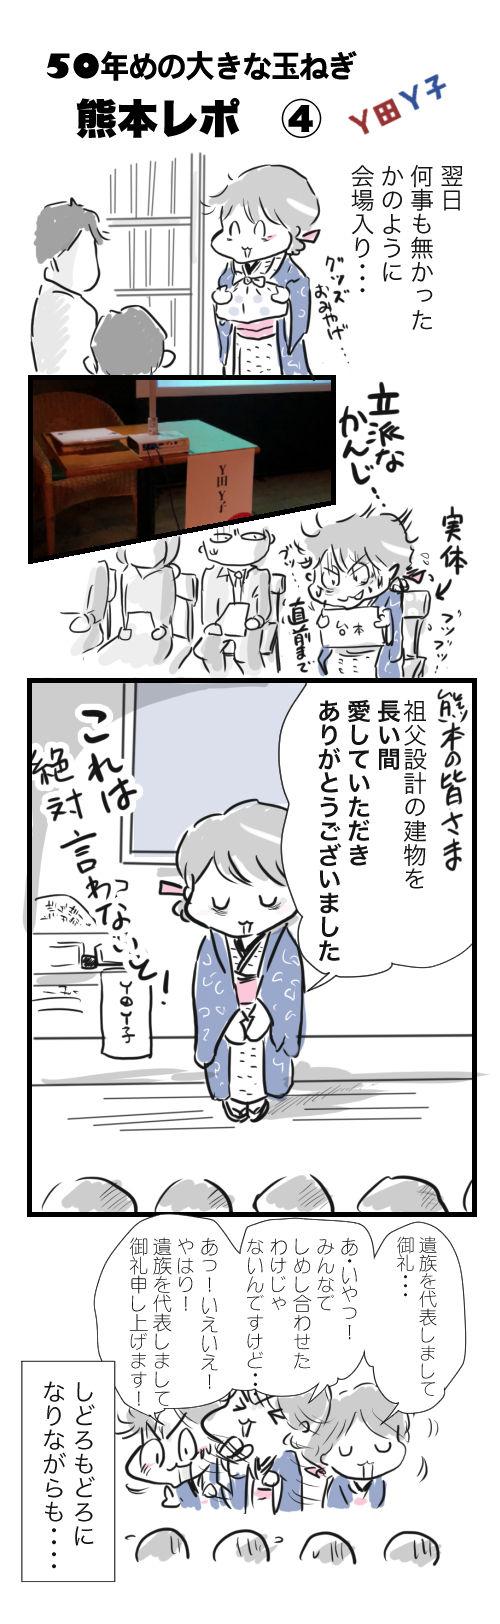 熊本レポ4−1